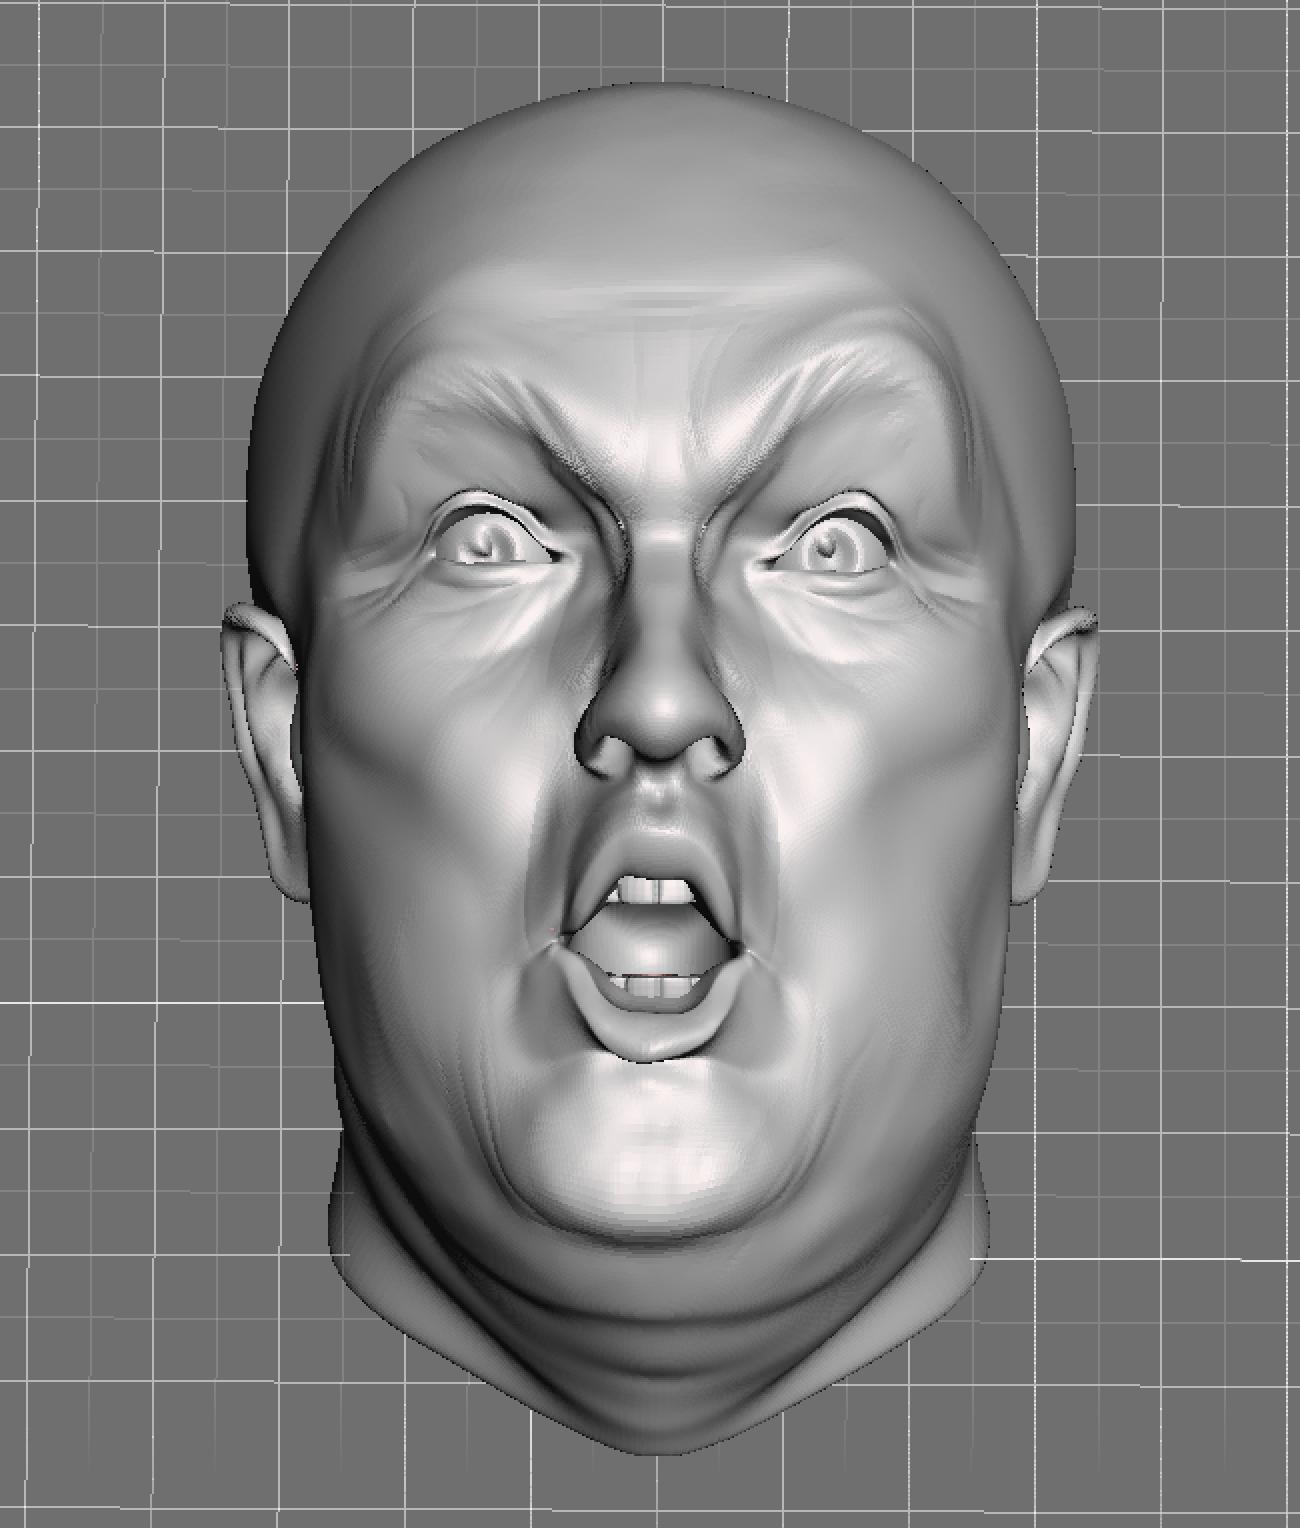 Trump's head 3D model